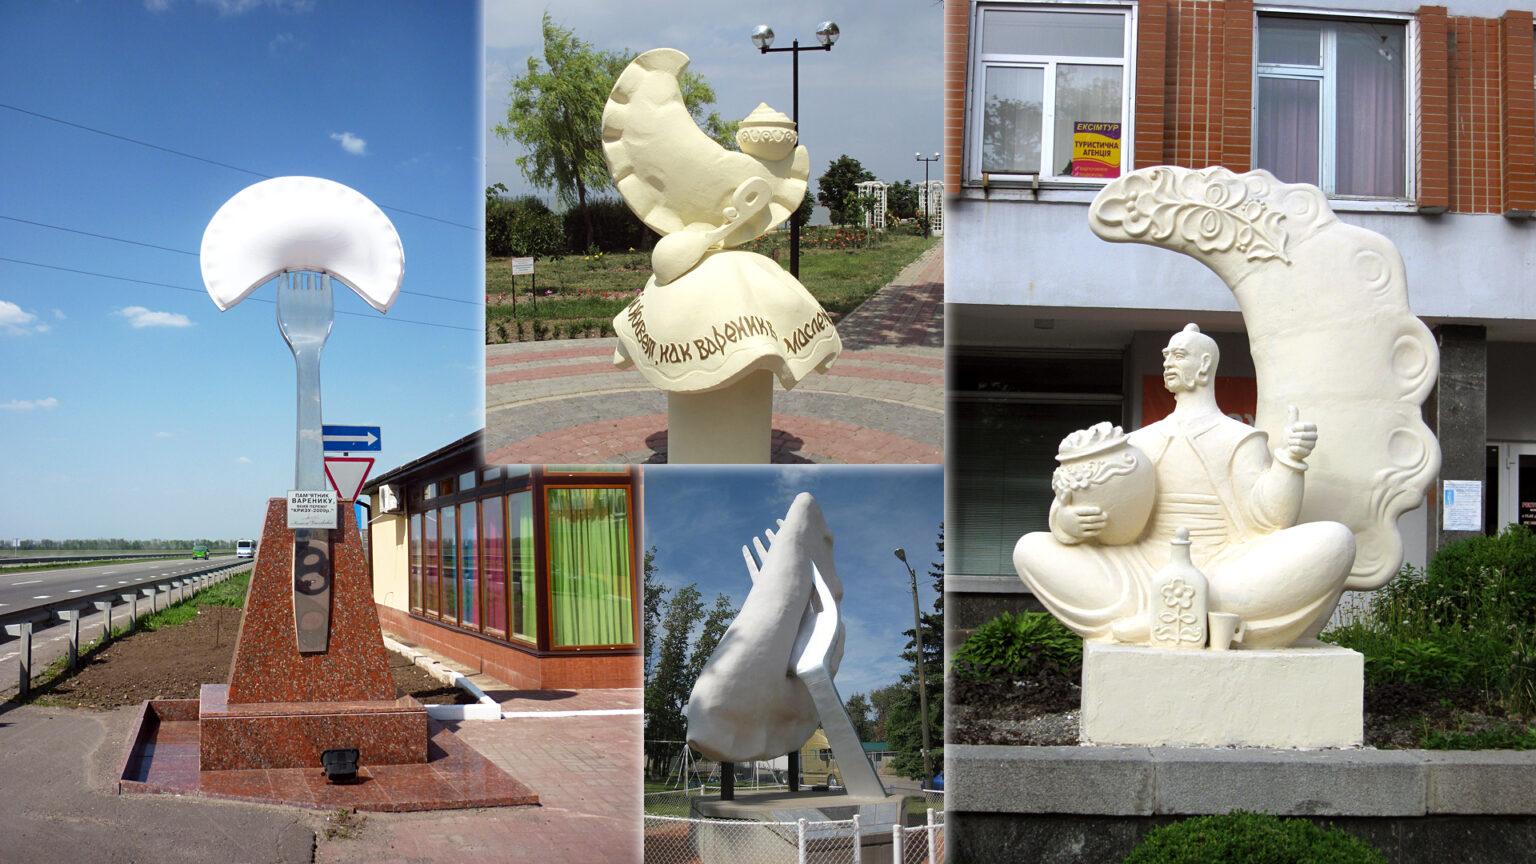 ТОП-10 интересных фактов про украинские вареники